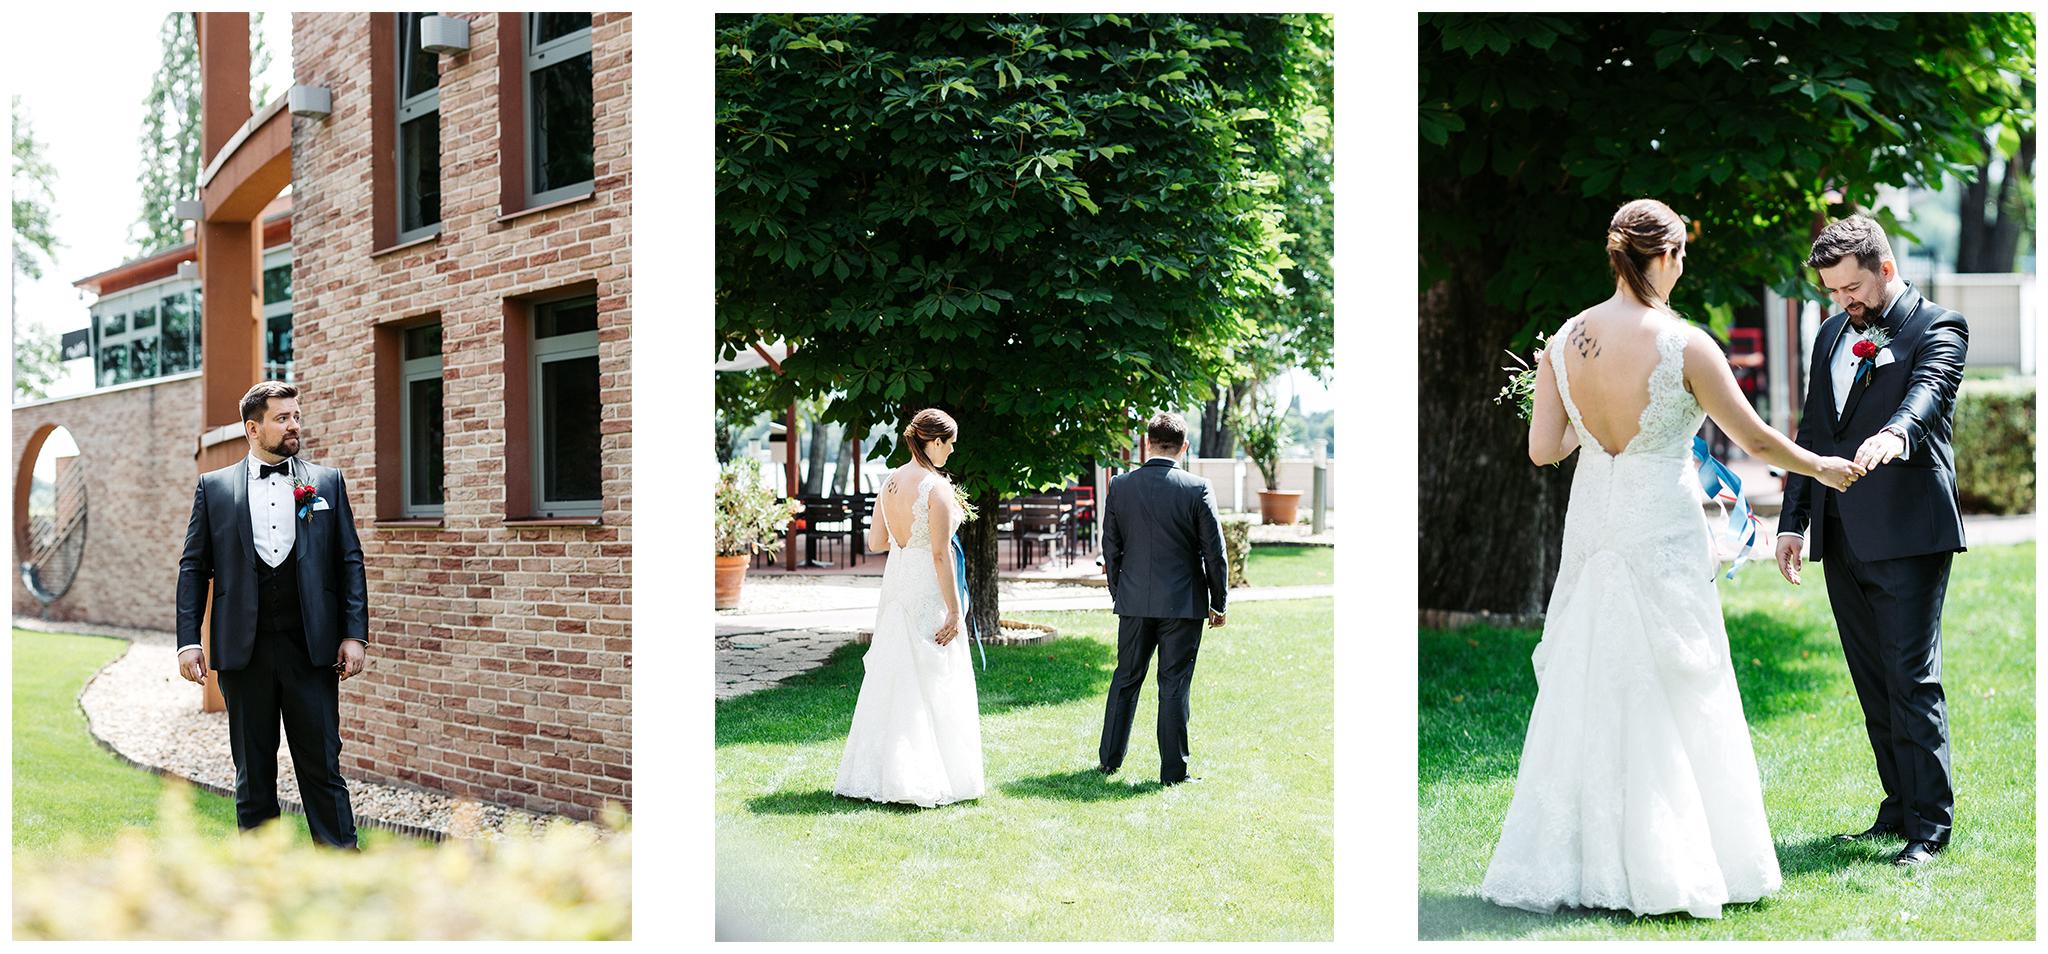 MONT_FylepPhoto, Esküvőfotós Vasmegye, Esküvő fotózás, Esküvői fotós, Körmend, Vas megye, Dunántúl, Budapest, Fülöp Péter, Jegyes fotózás, jegyes, kreatív, kreatívfotózás,Wien,Ausztira,Österreich,hochzeitsfotograf_V&M_001.jpg